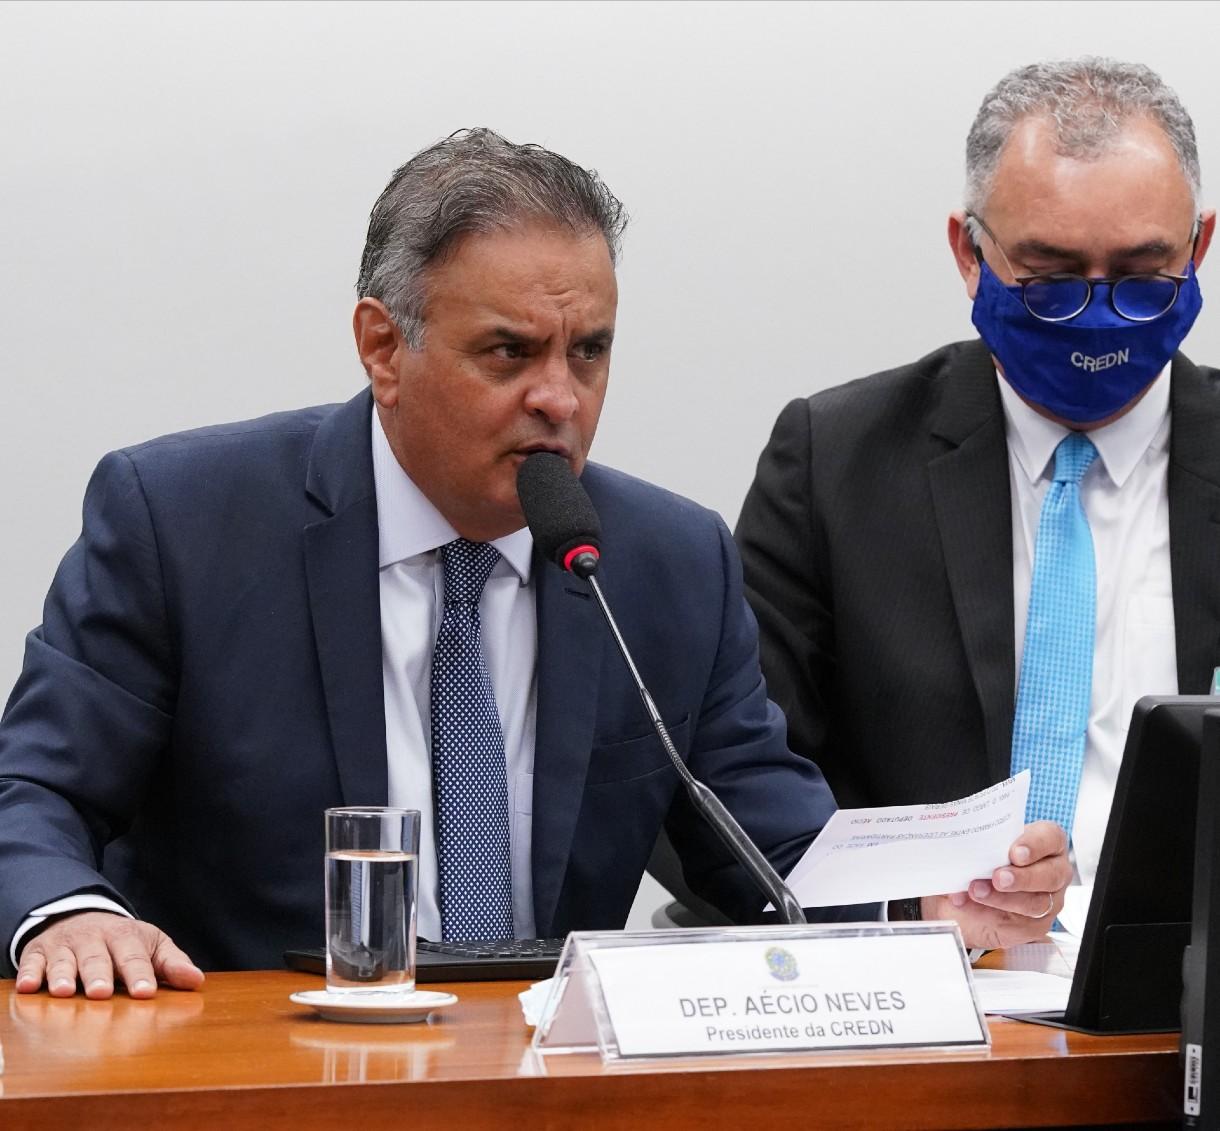 Fotos: Alexssandro Loyola - Liderança do PSDB na Câmara